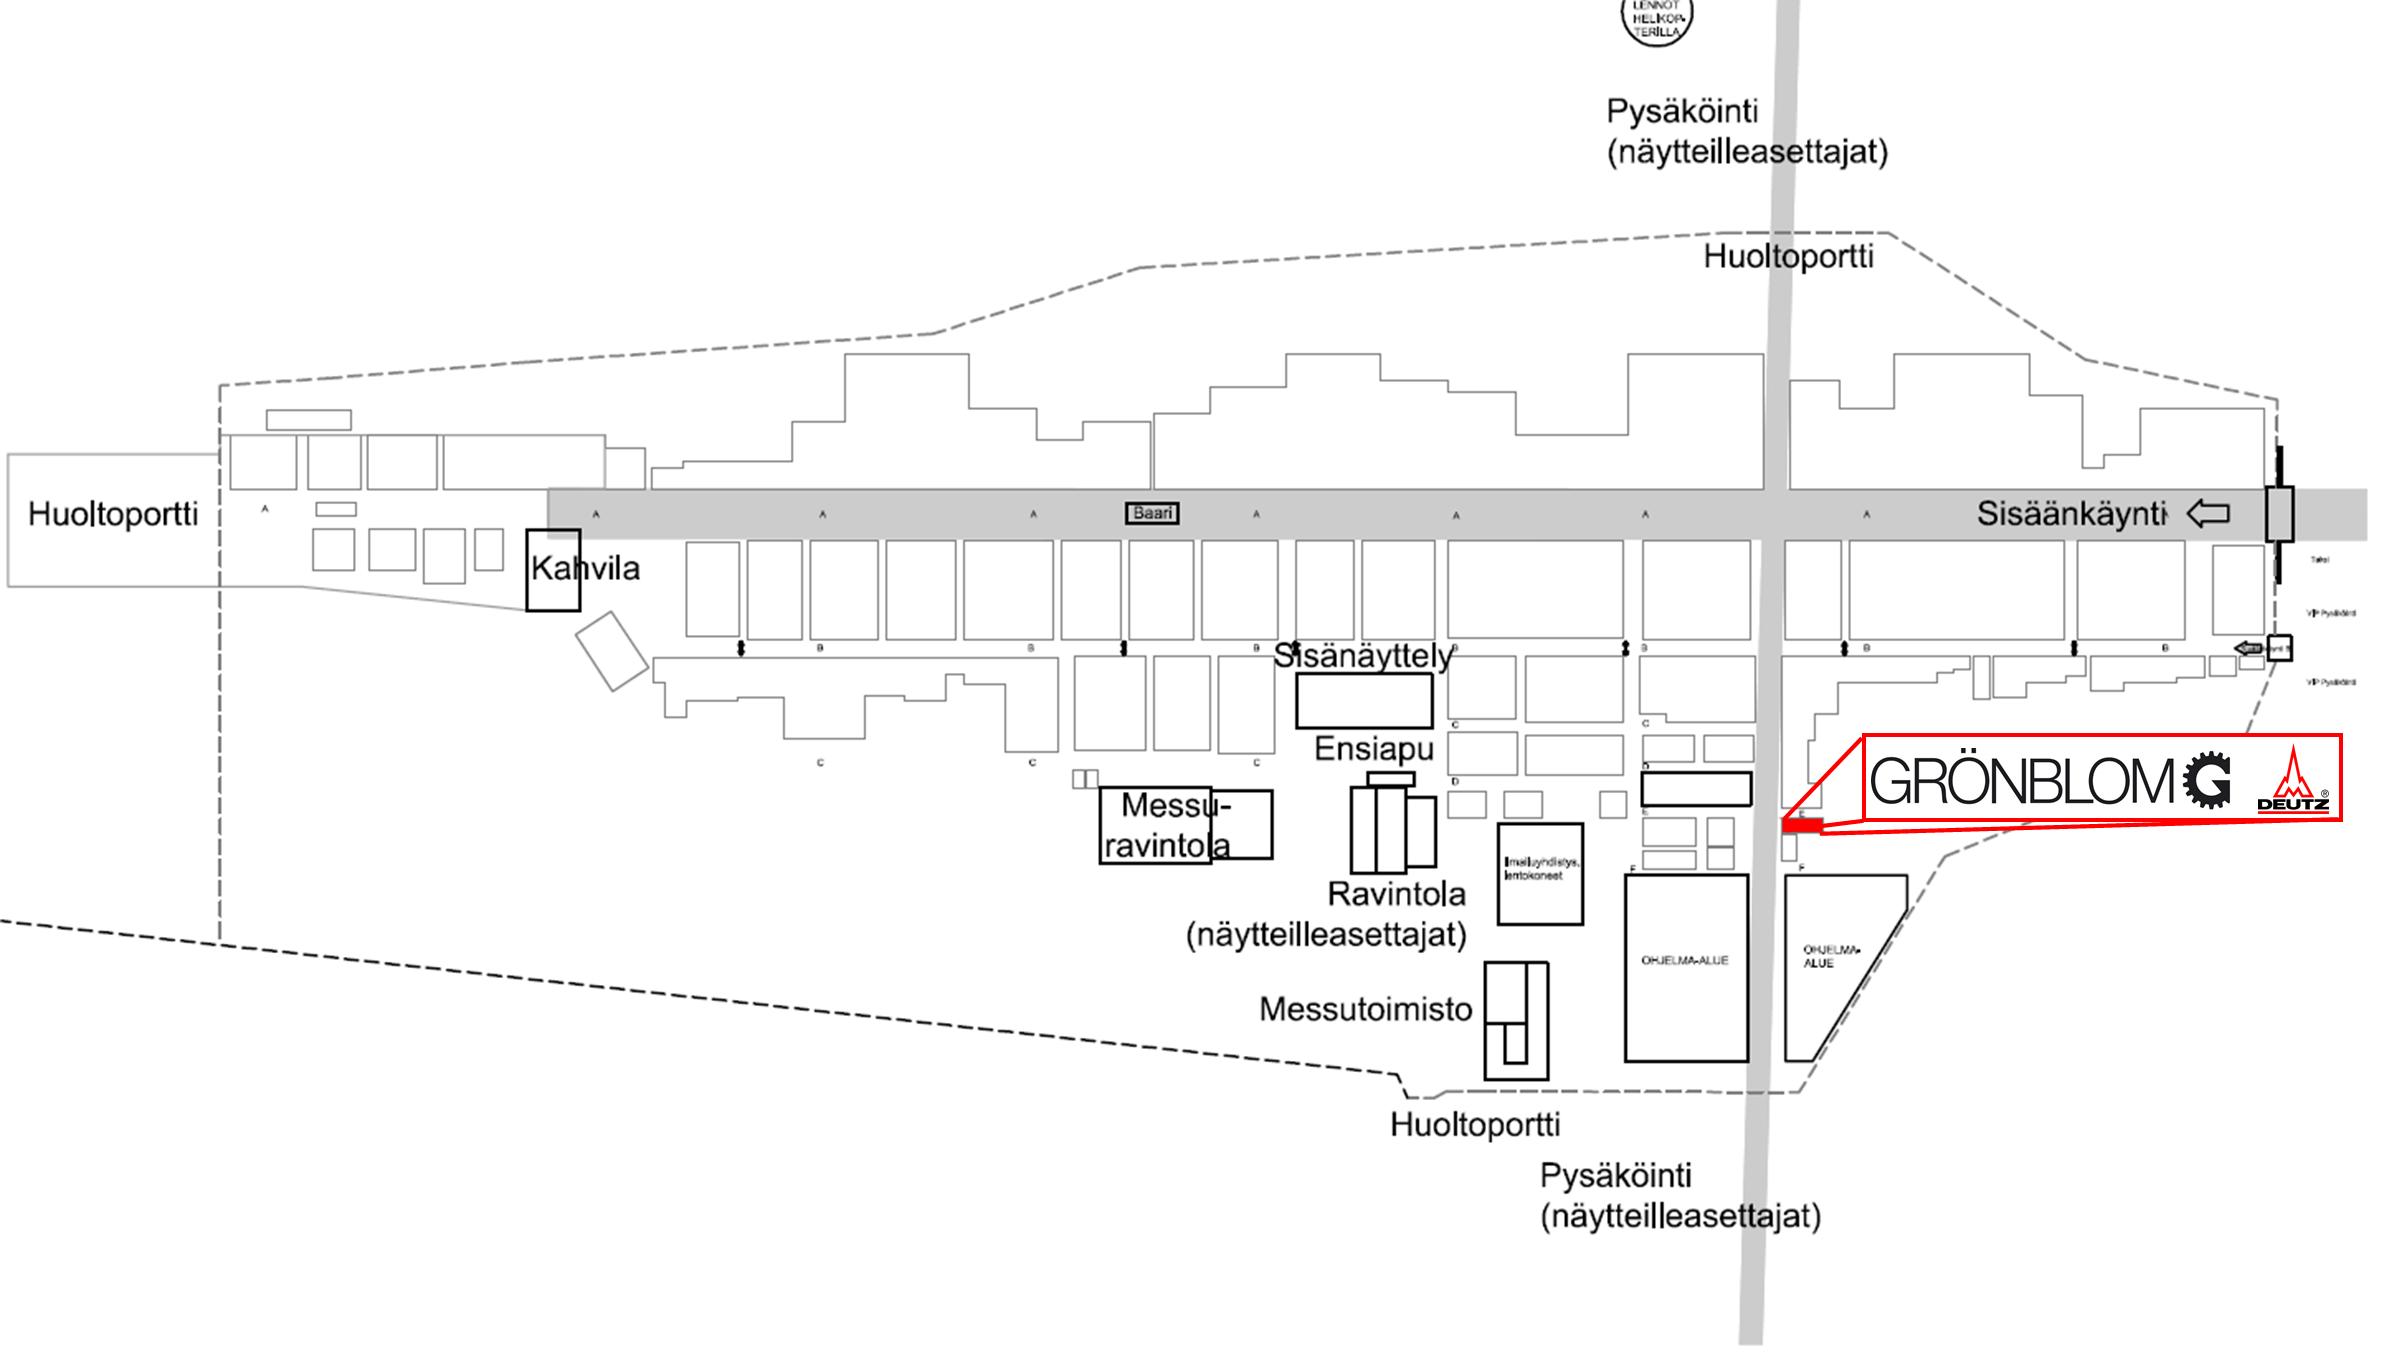 Grönblomin DEUTZ -osasto esillä paikalla E50